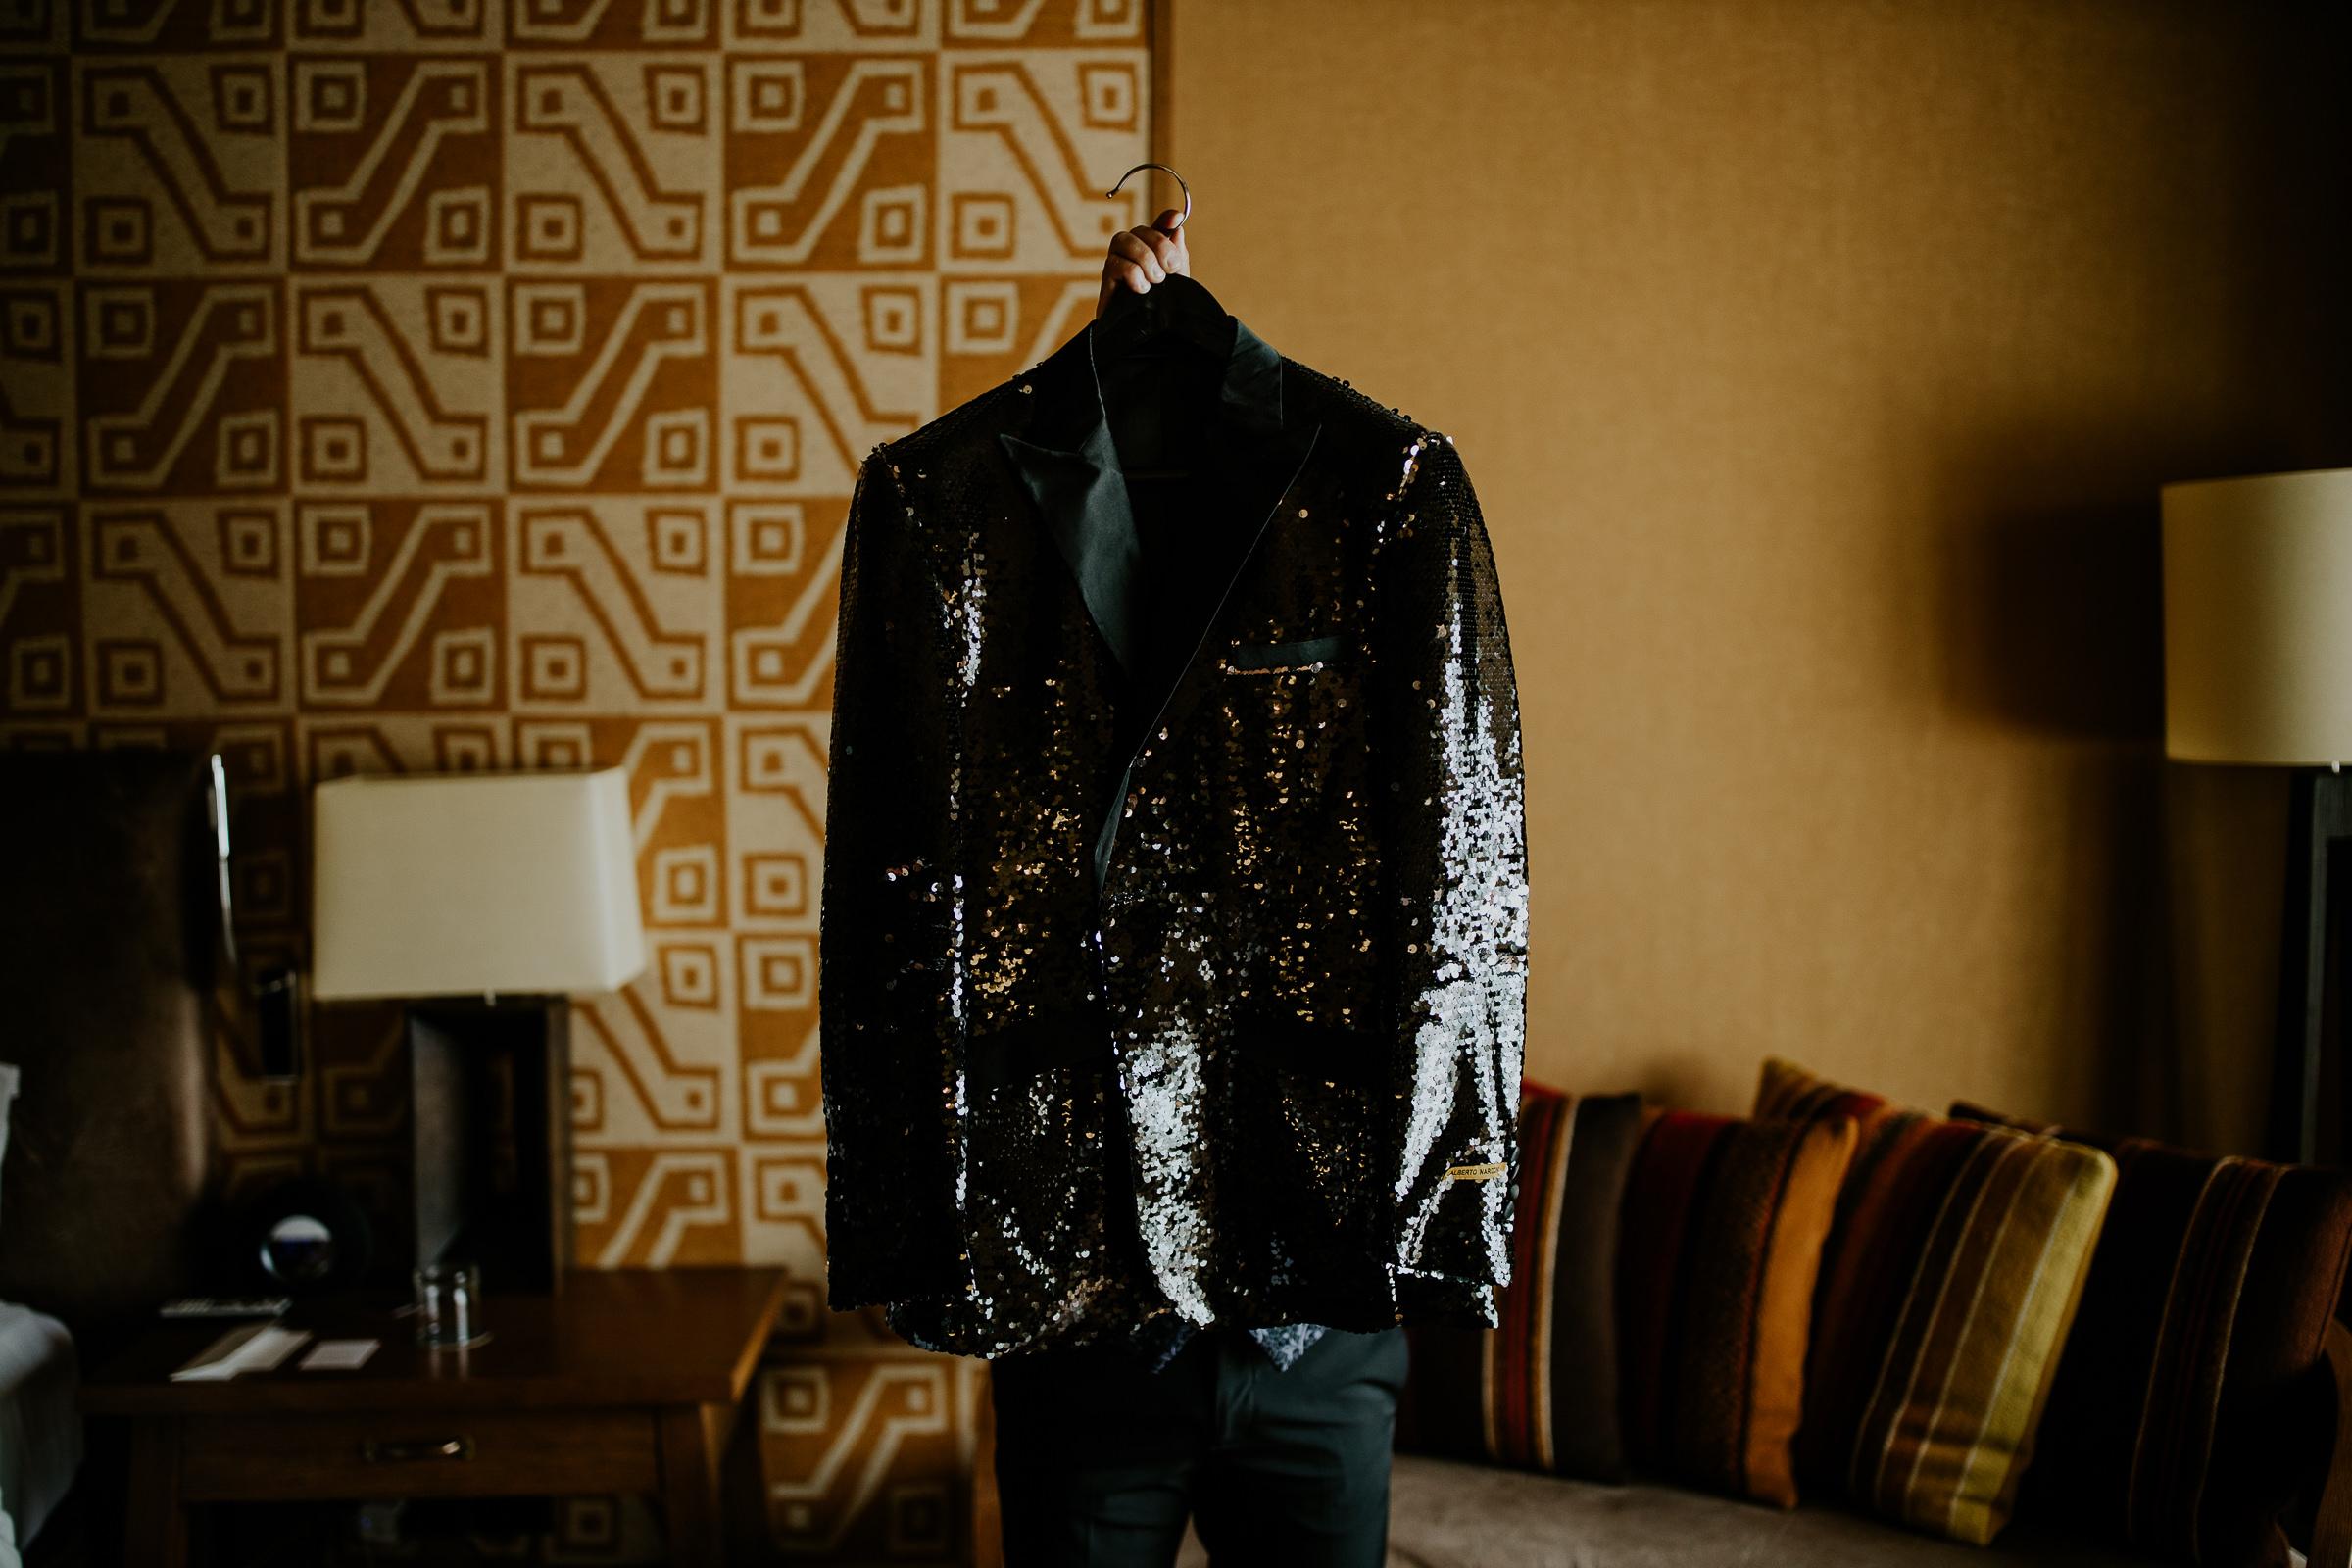 grooms shiny jacket